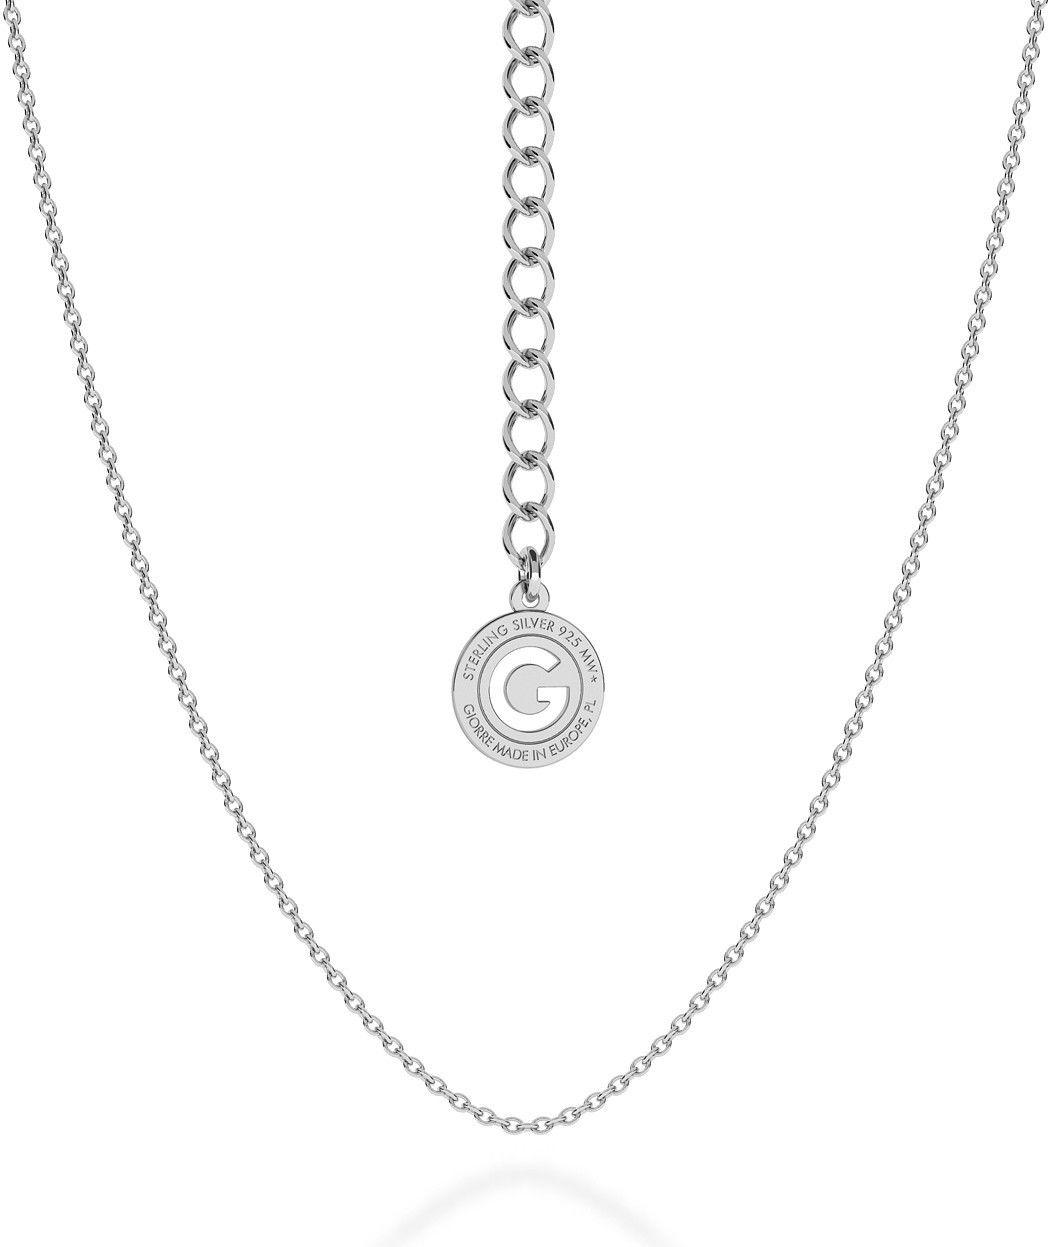 Srebrny delikatny łańcuszek ankier, srebro 925 : Długość (cm) - 45 + 5, Srebro - kolor pokrycia - Pokrycie platyną